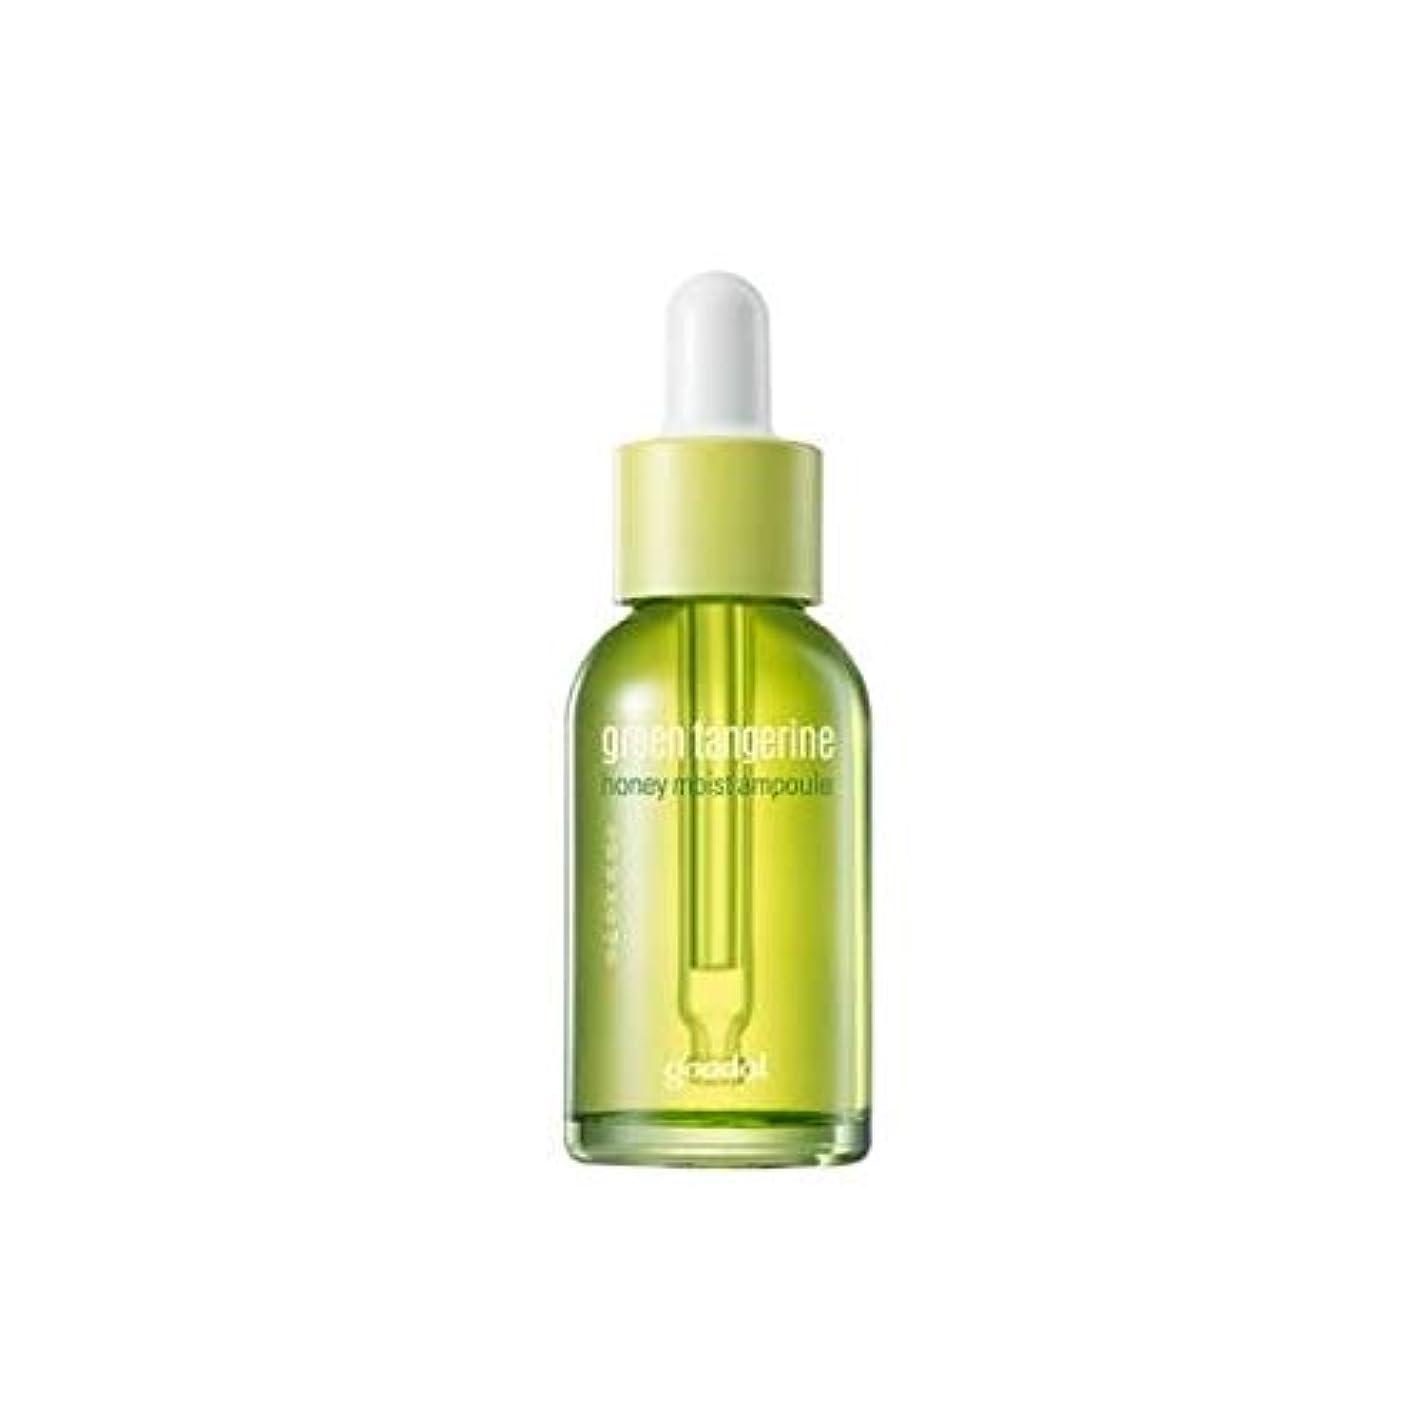 モンスターむちゃくちゃエクスタシーGoodal Green Tangerine Honey Moist Ampule グーダル チョンギュル(青みかん) ハニー モイスト アンプル 30ml [並行輸入品]